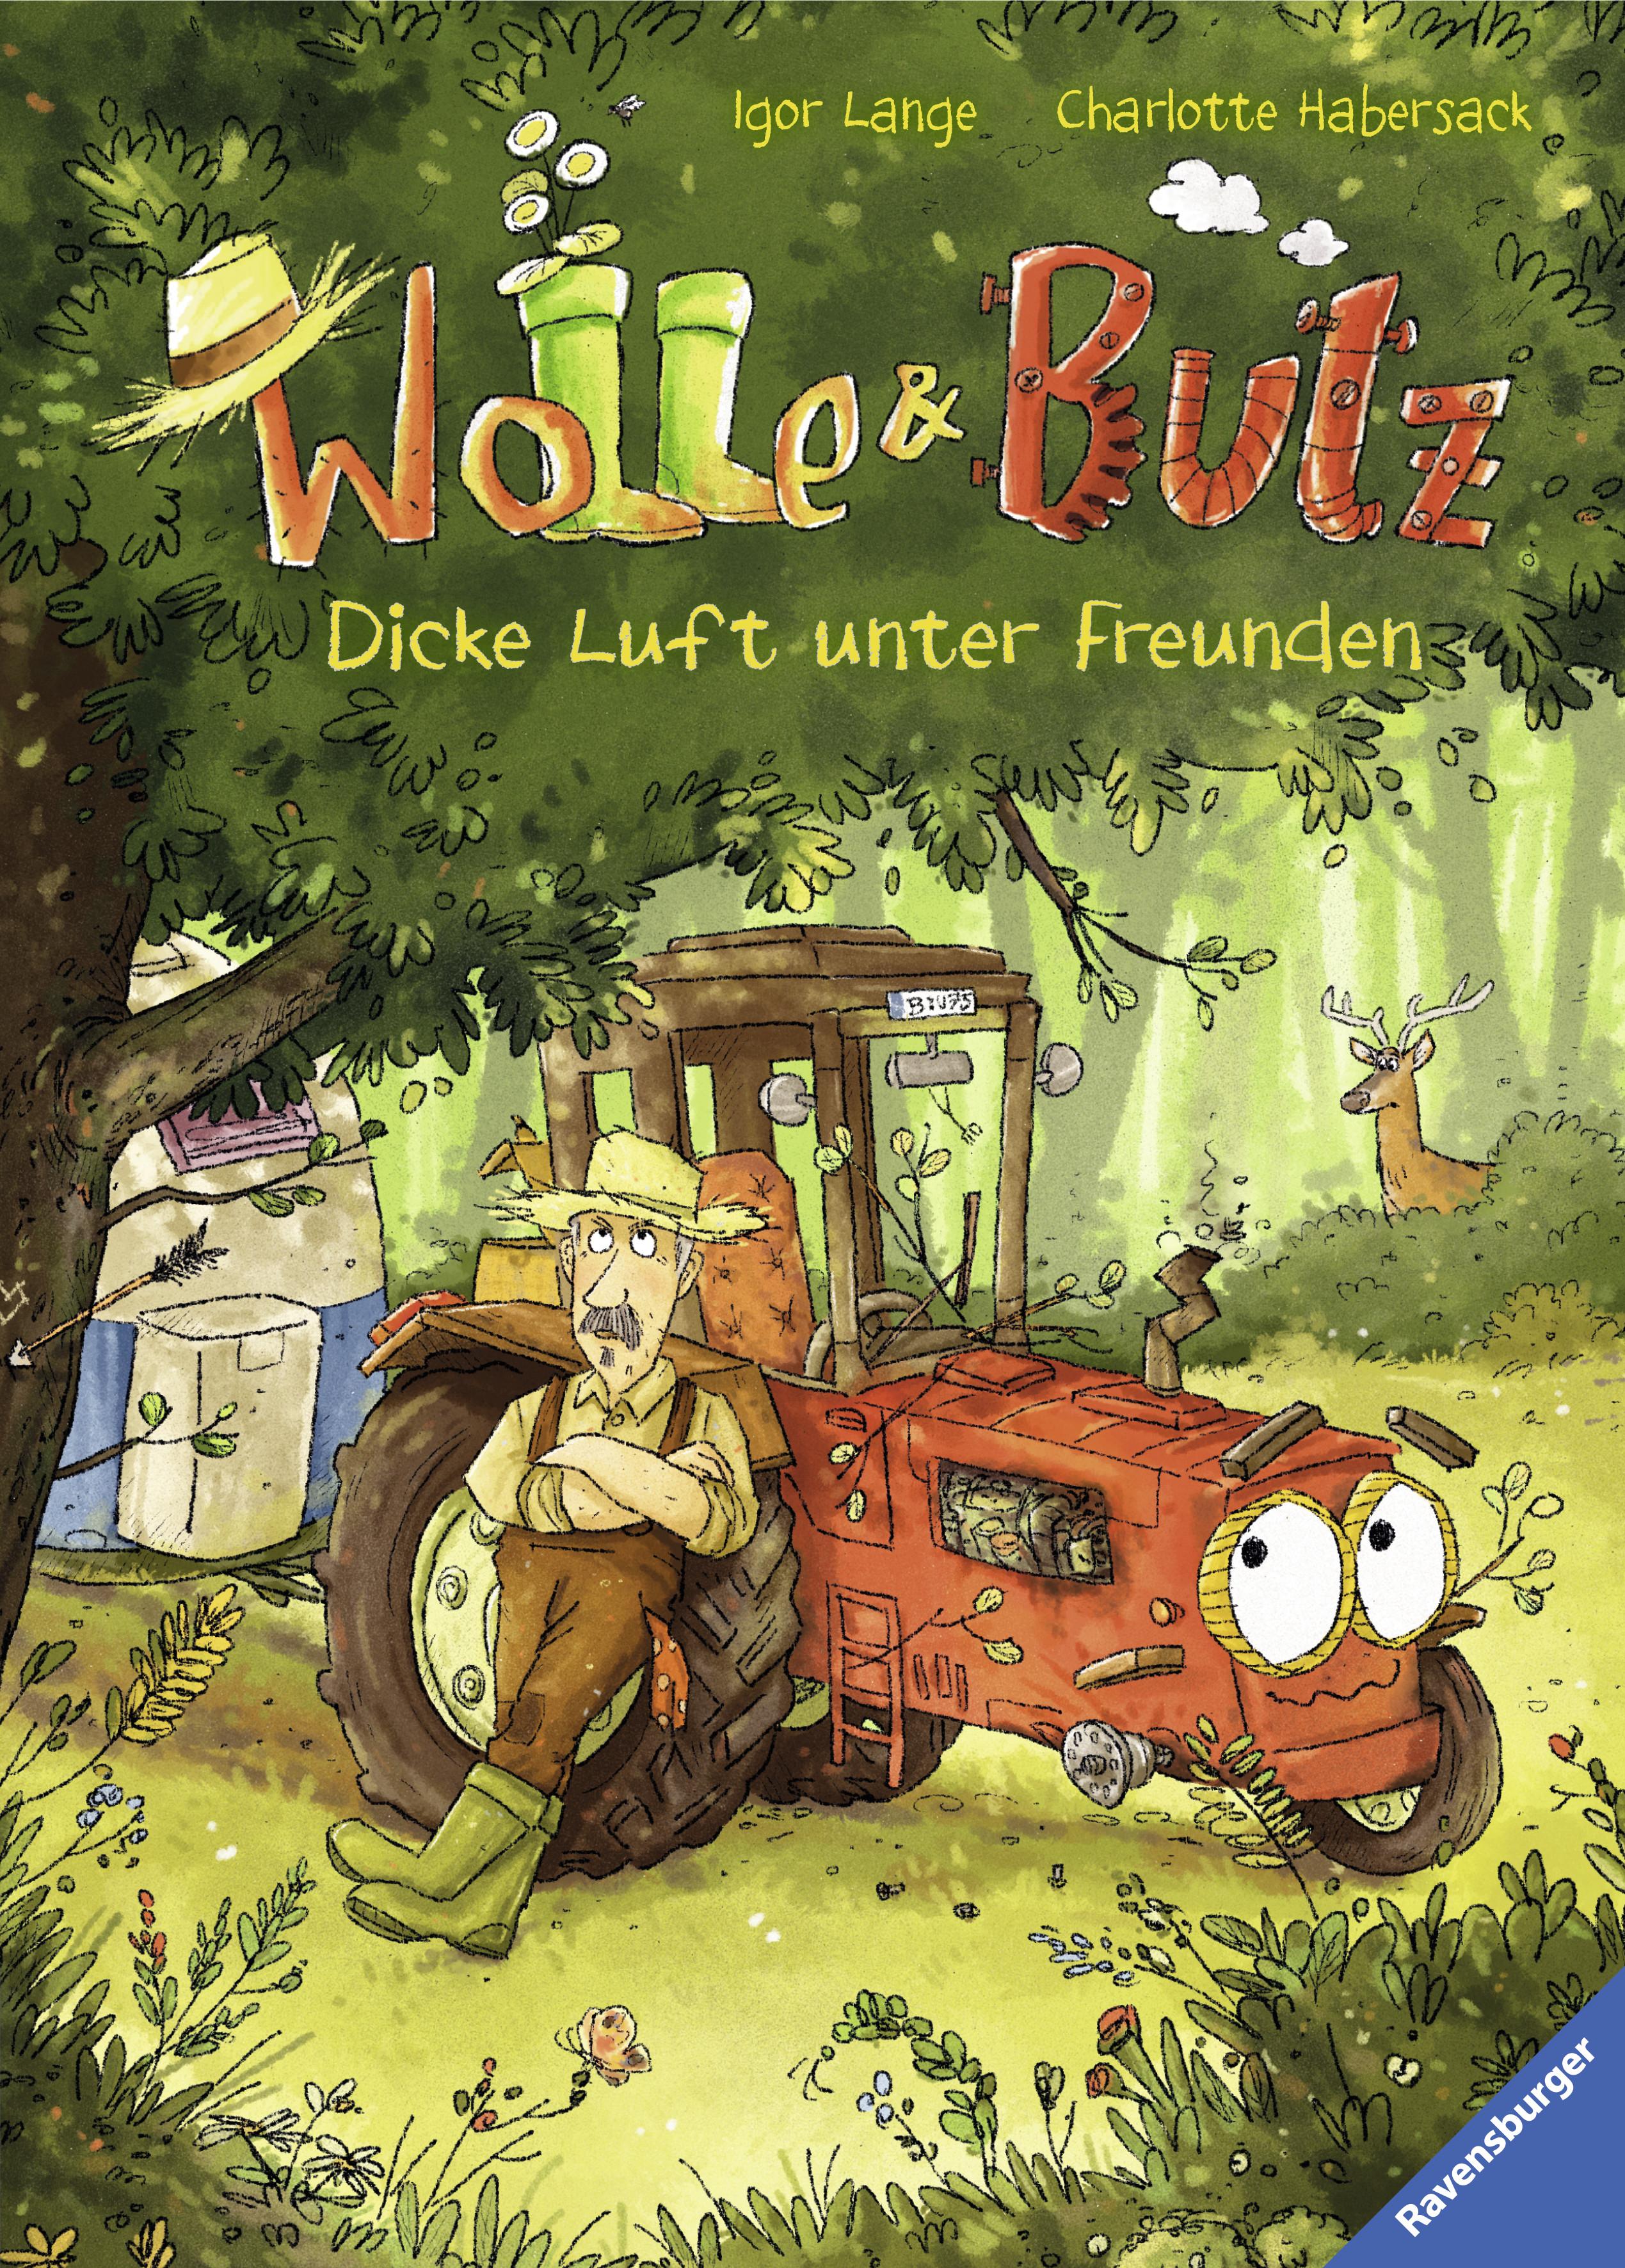 Wolle-und-Butz-Dicke-Luft-unter-Freunden-Charlotte-Habersack